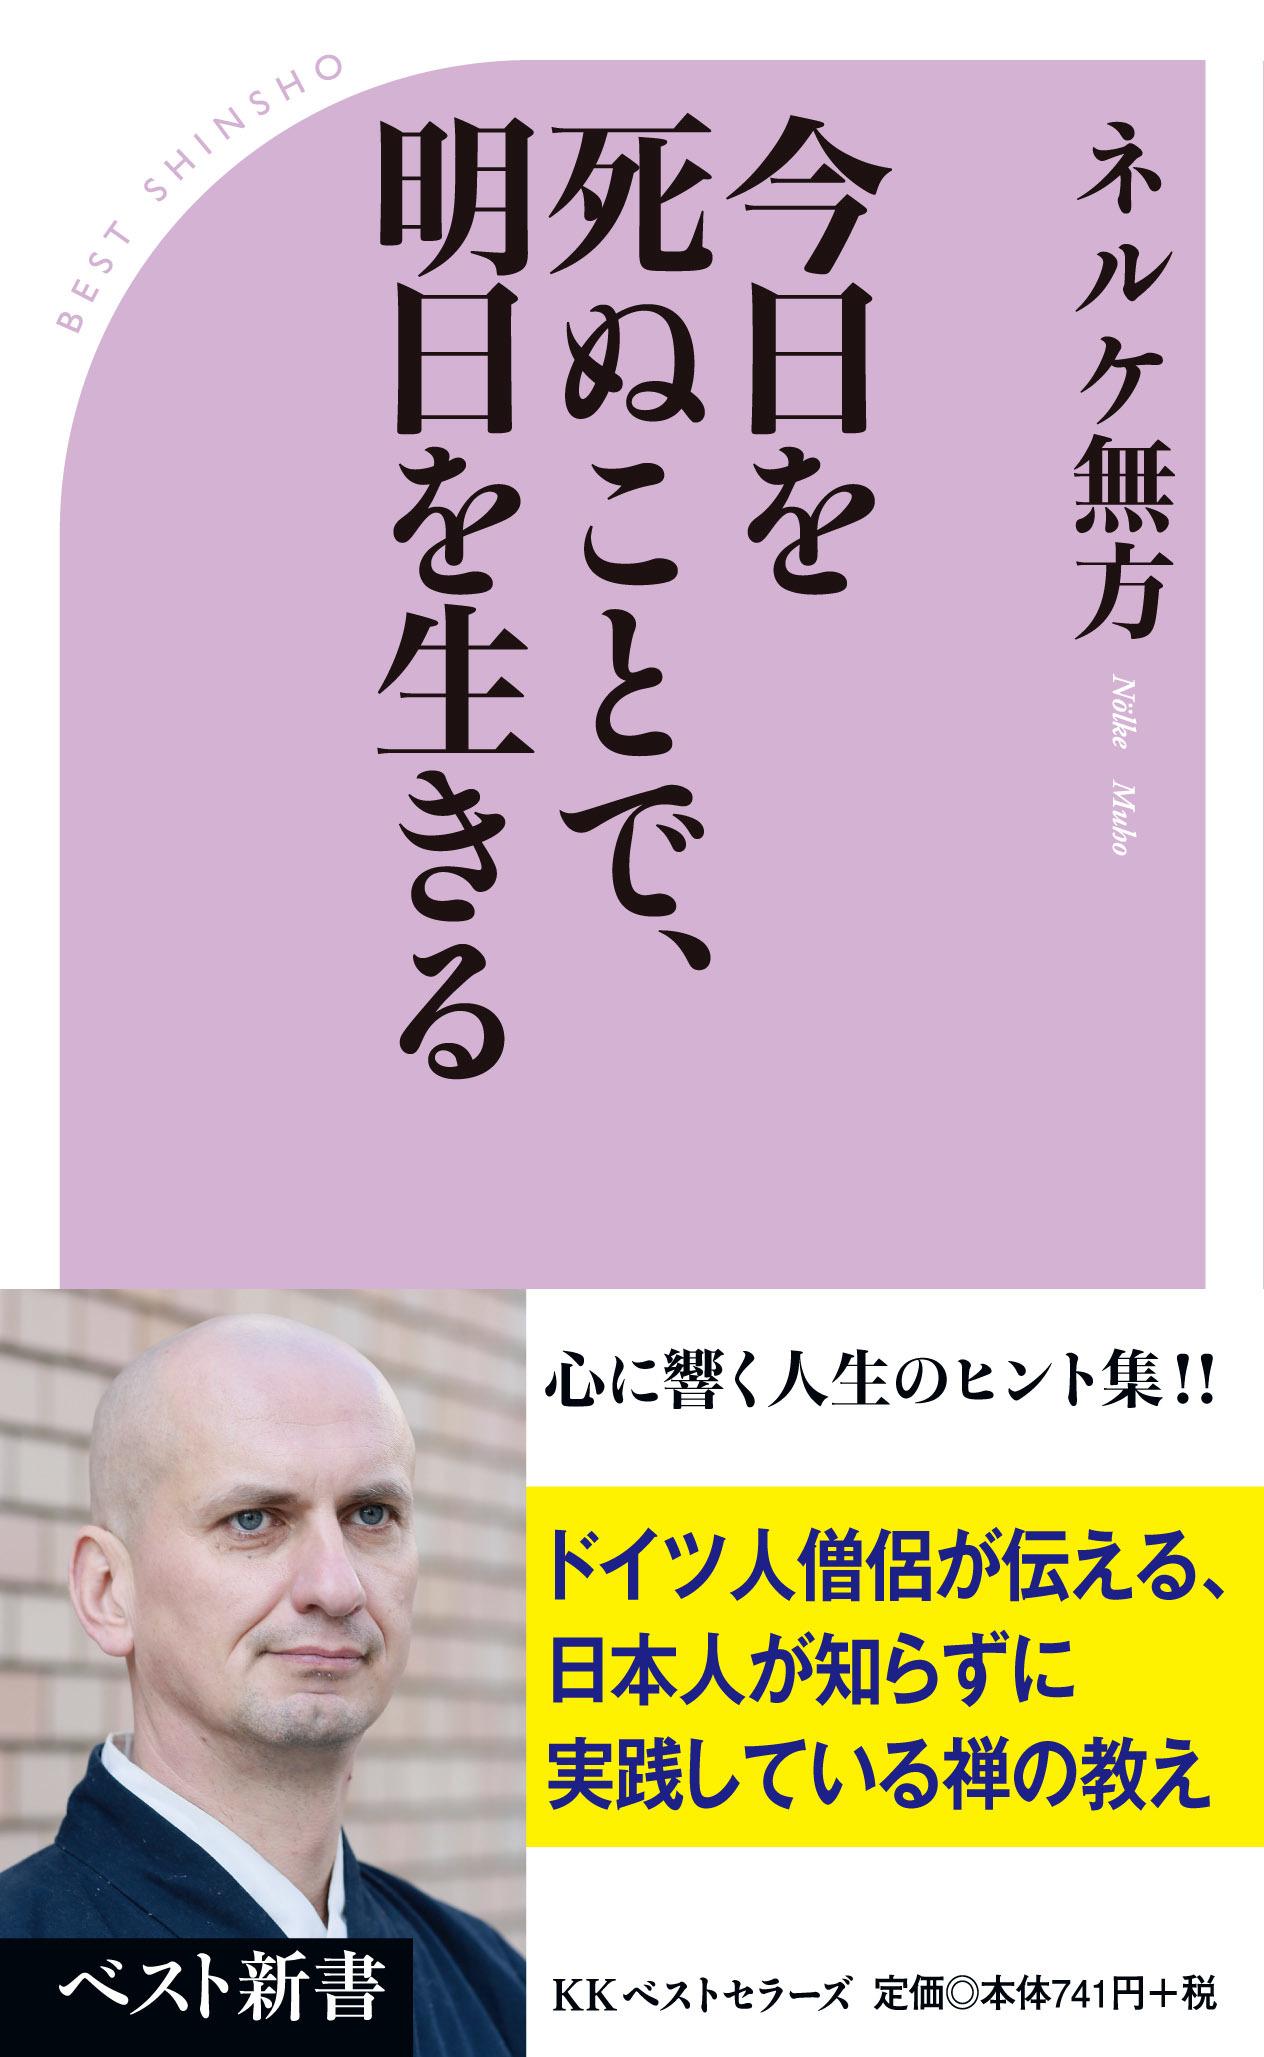 心に響く人生のヒント!ドイツ人僧侶が伝える、日本人が知らずに実践している禅の教え!!